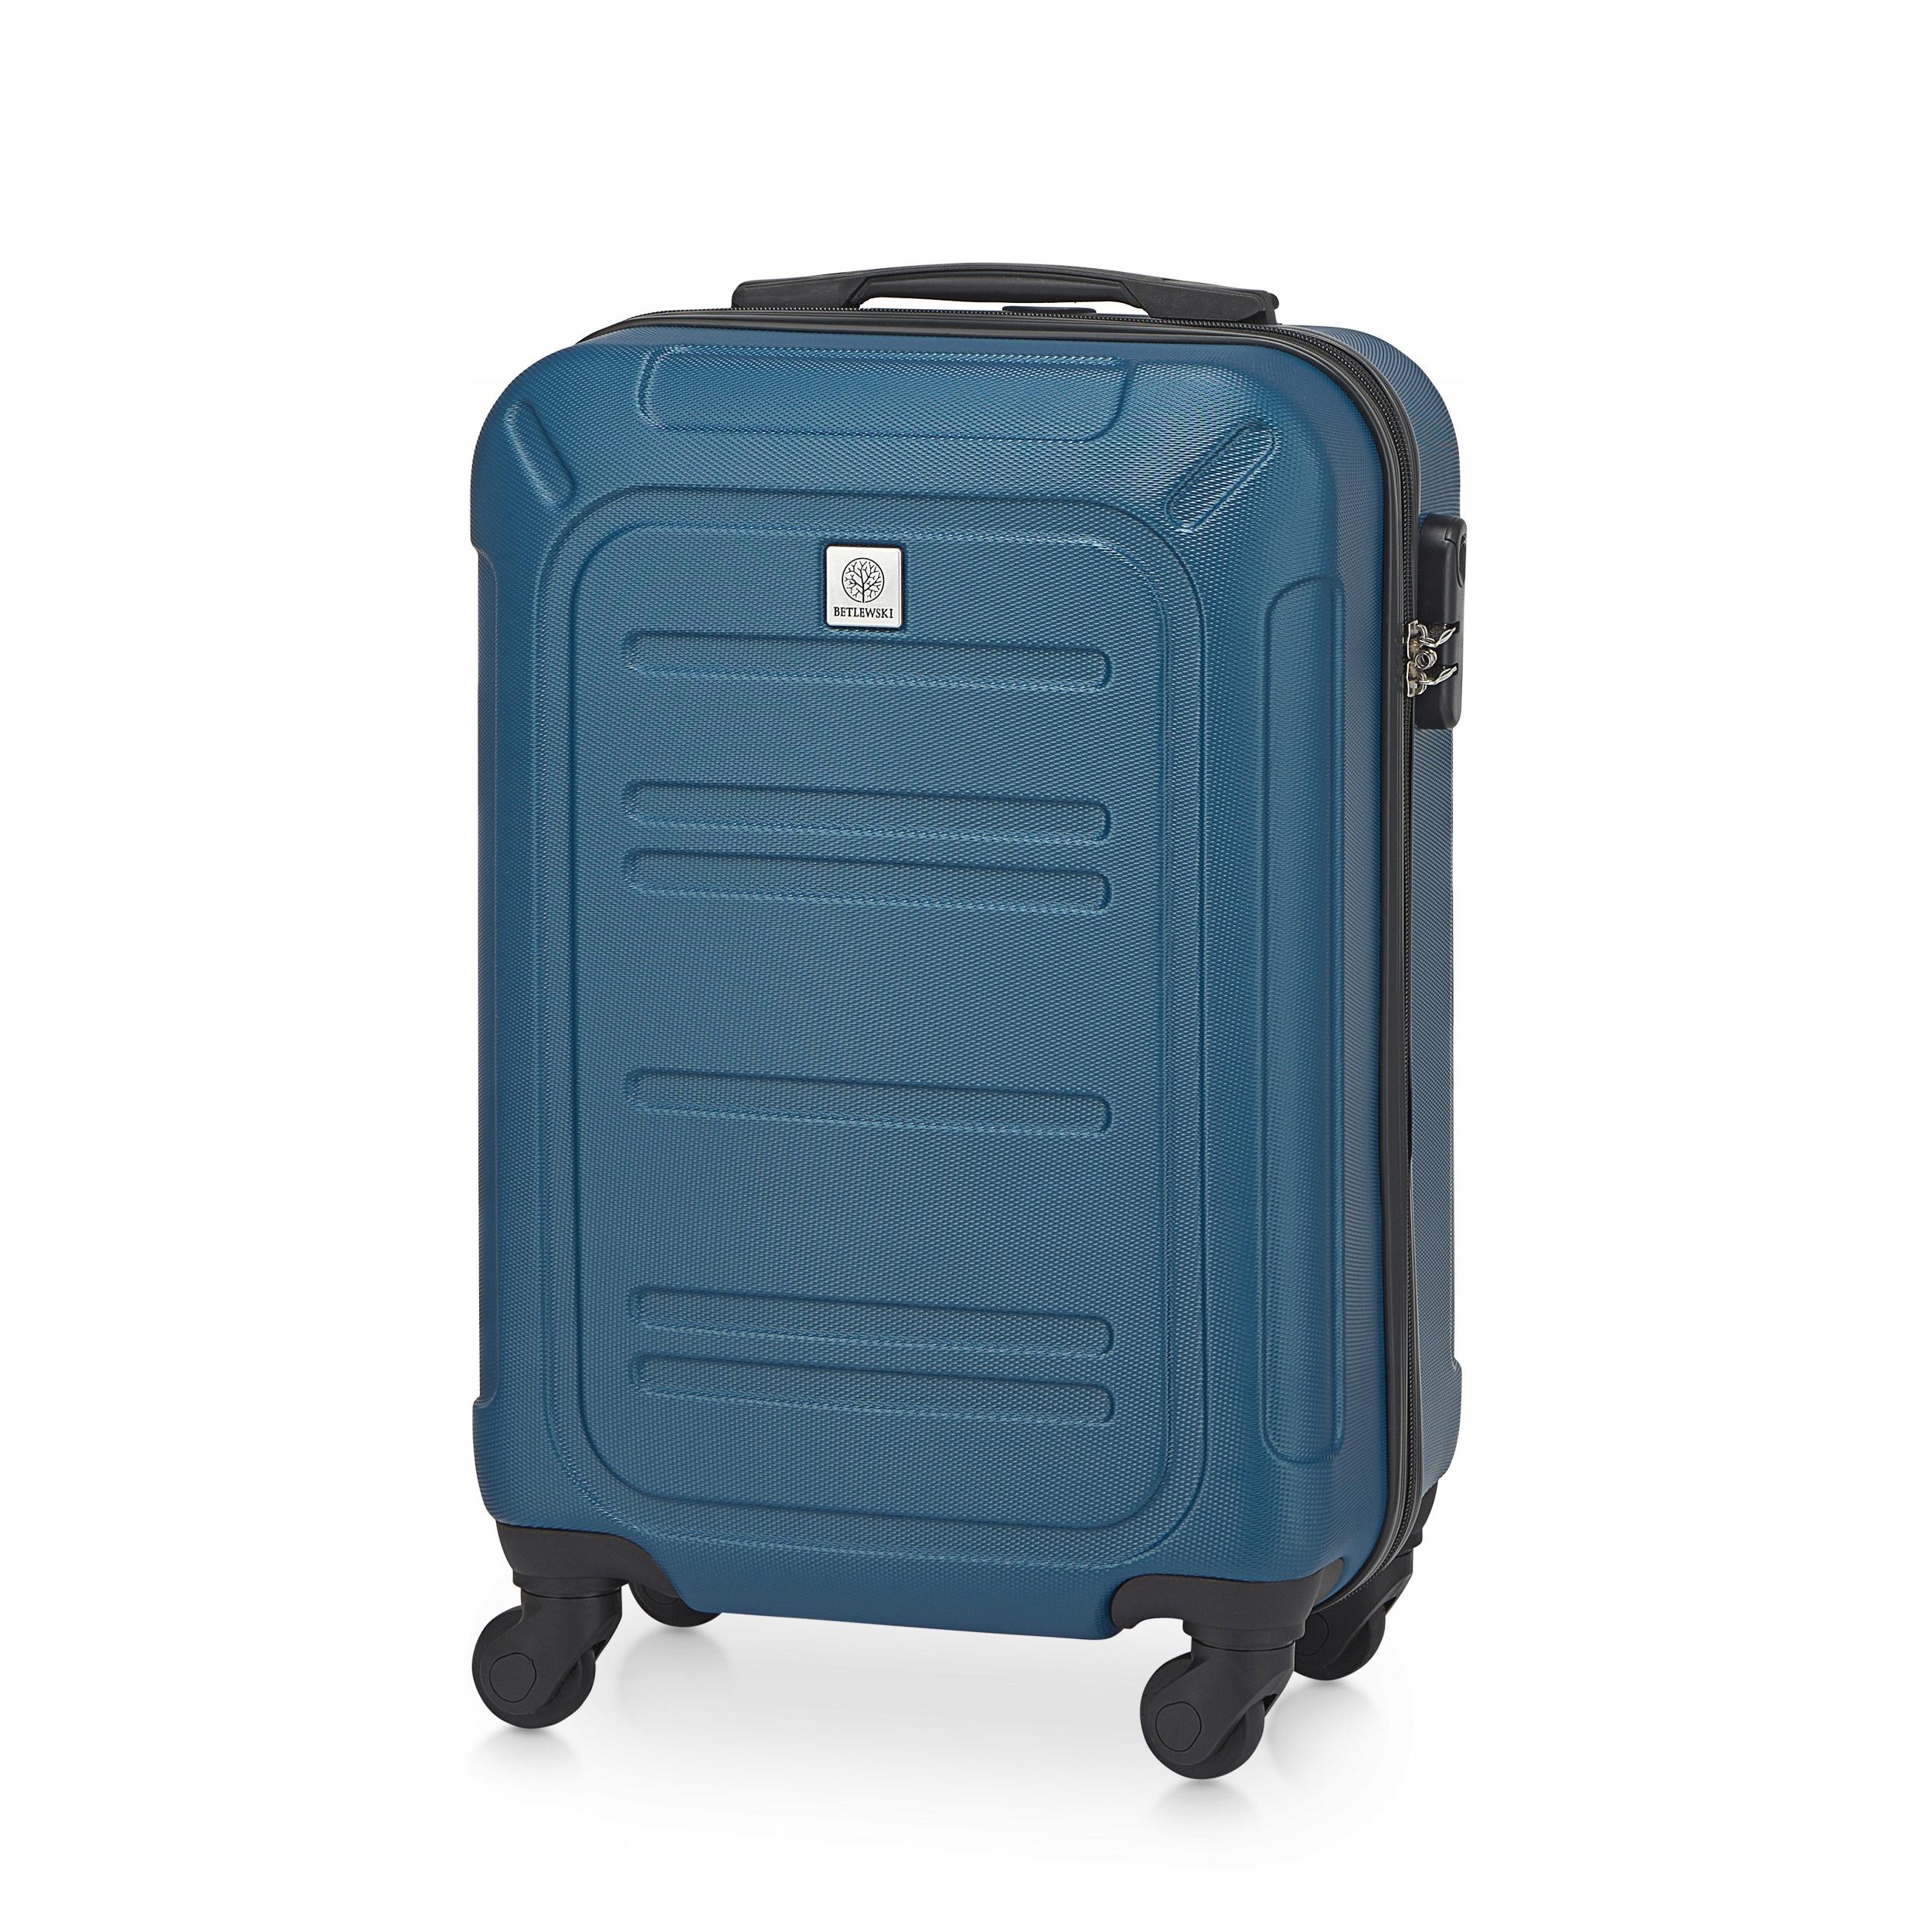 BETLEWSKI Kabinowa walizka podróżna kółkach mała